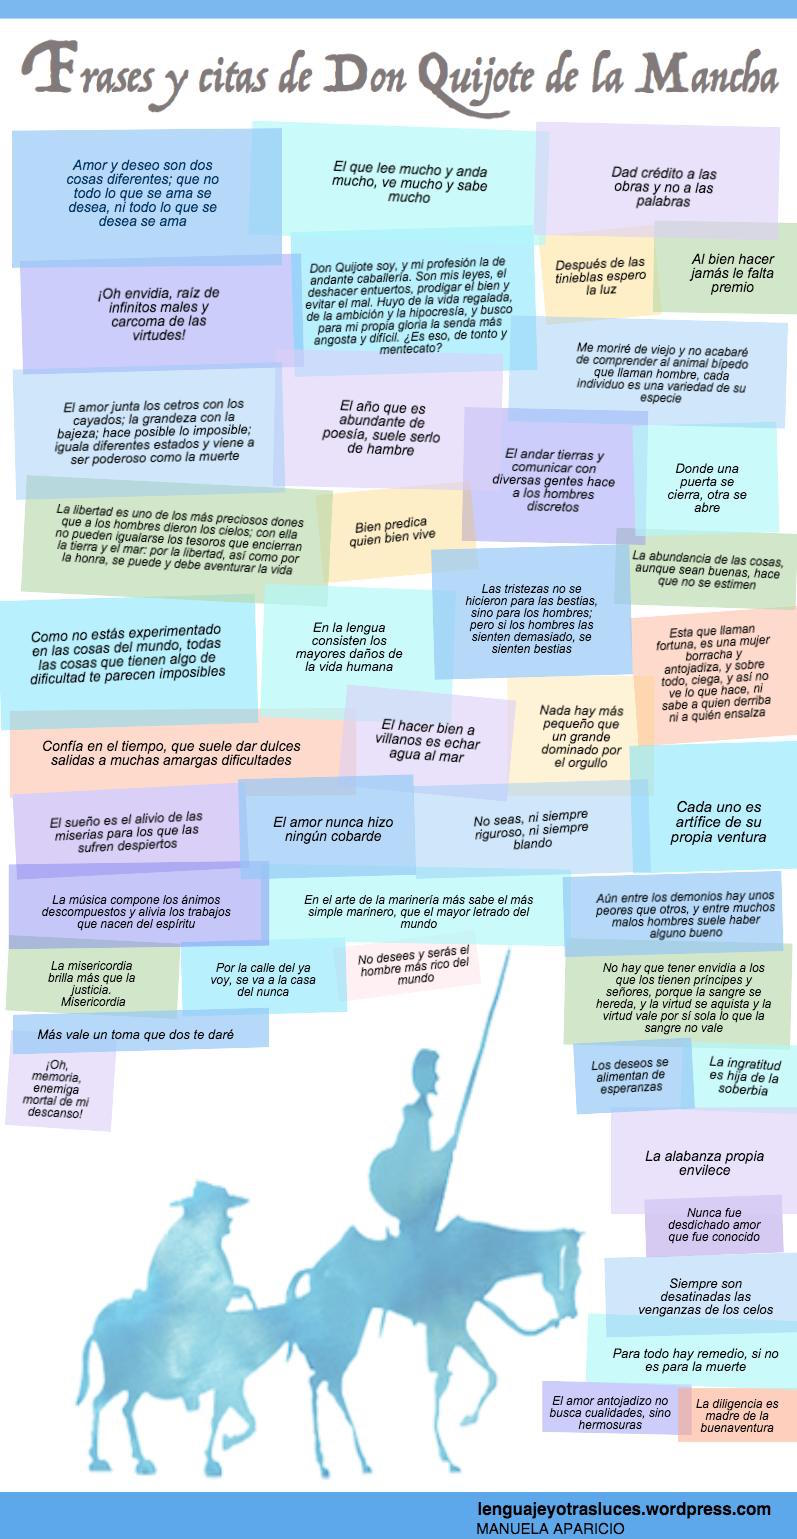 Don Quijote: infografía, resumen y frases - lenguaje y otras luces